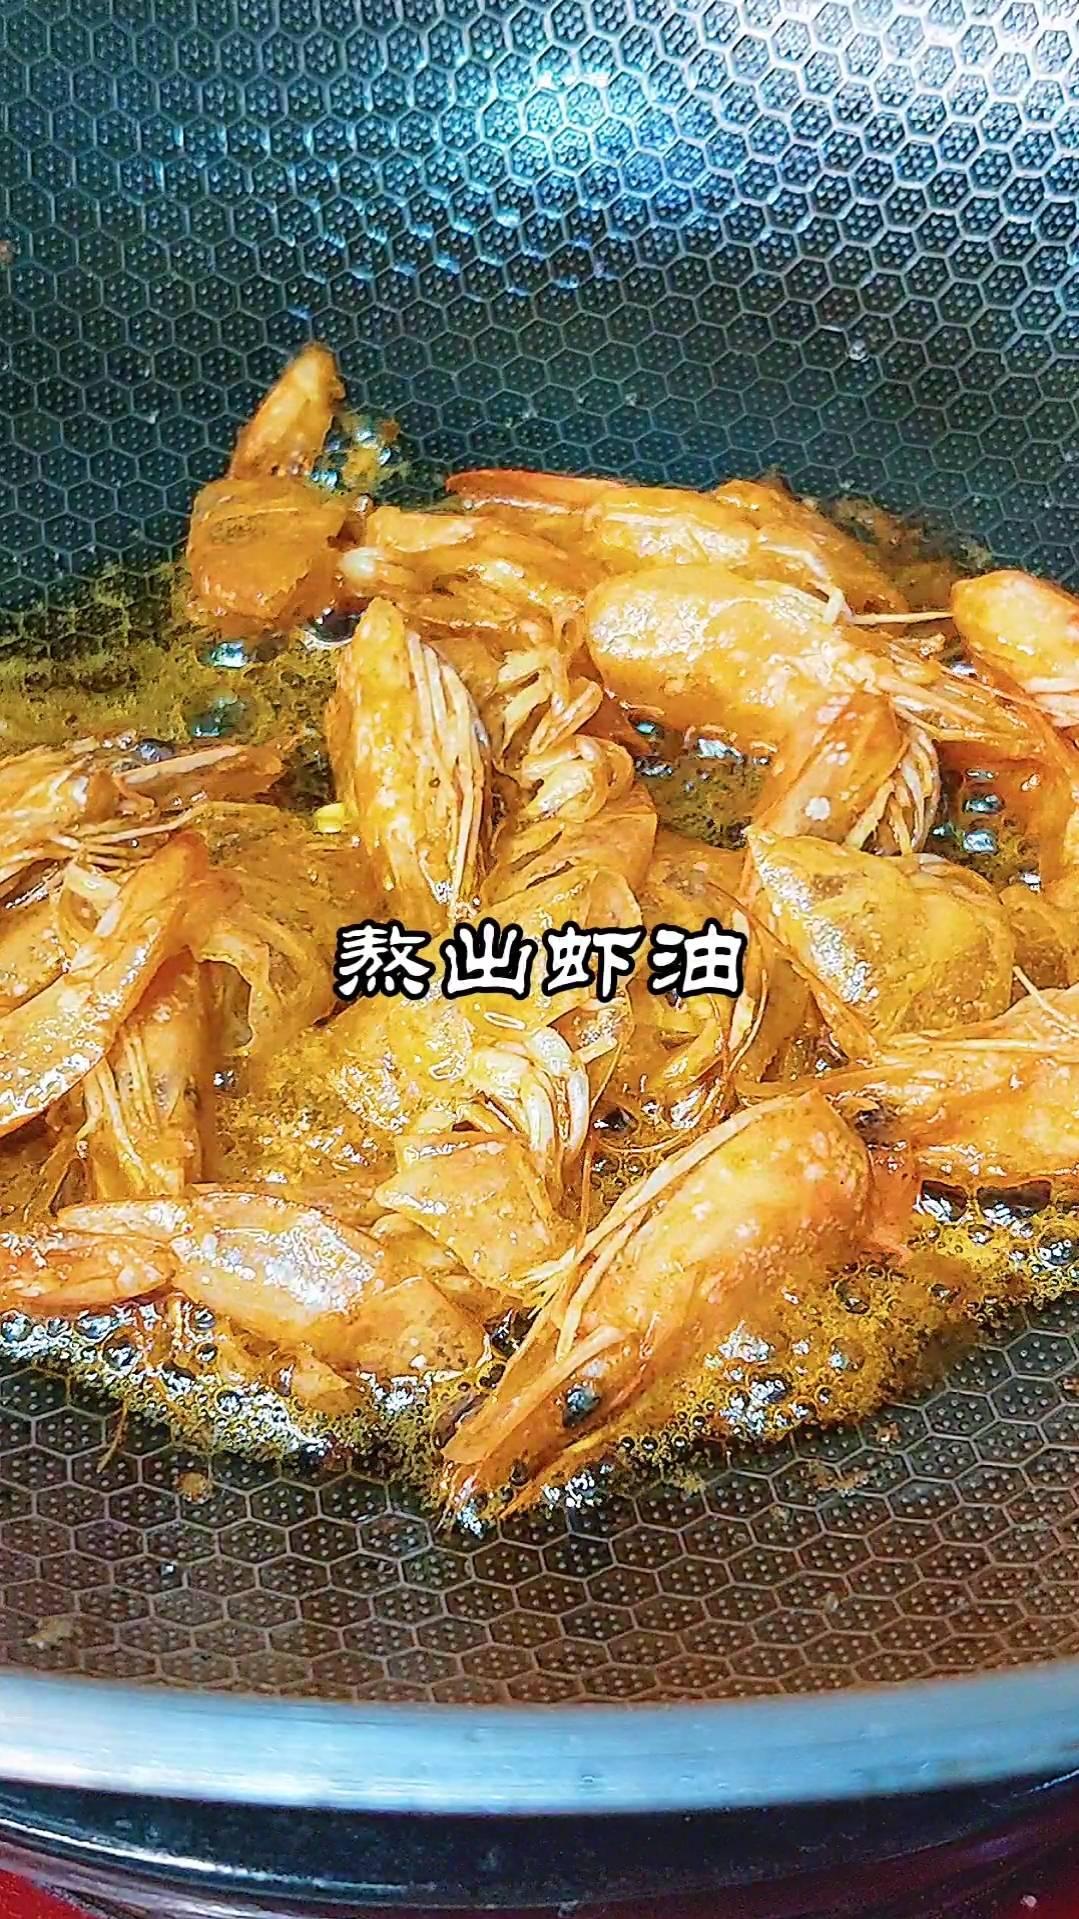 虾仁蛋滑西蓝花的家常做法